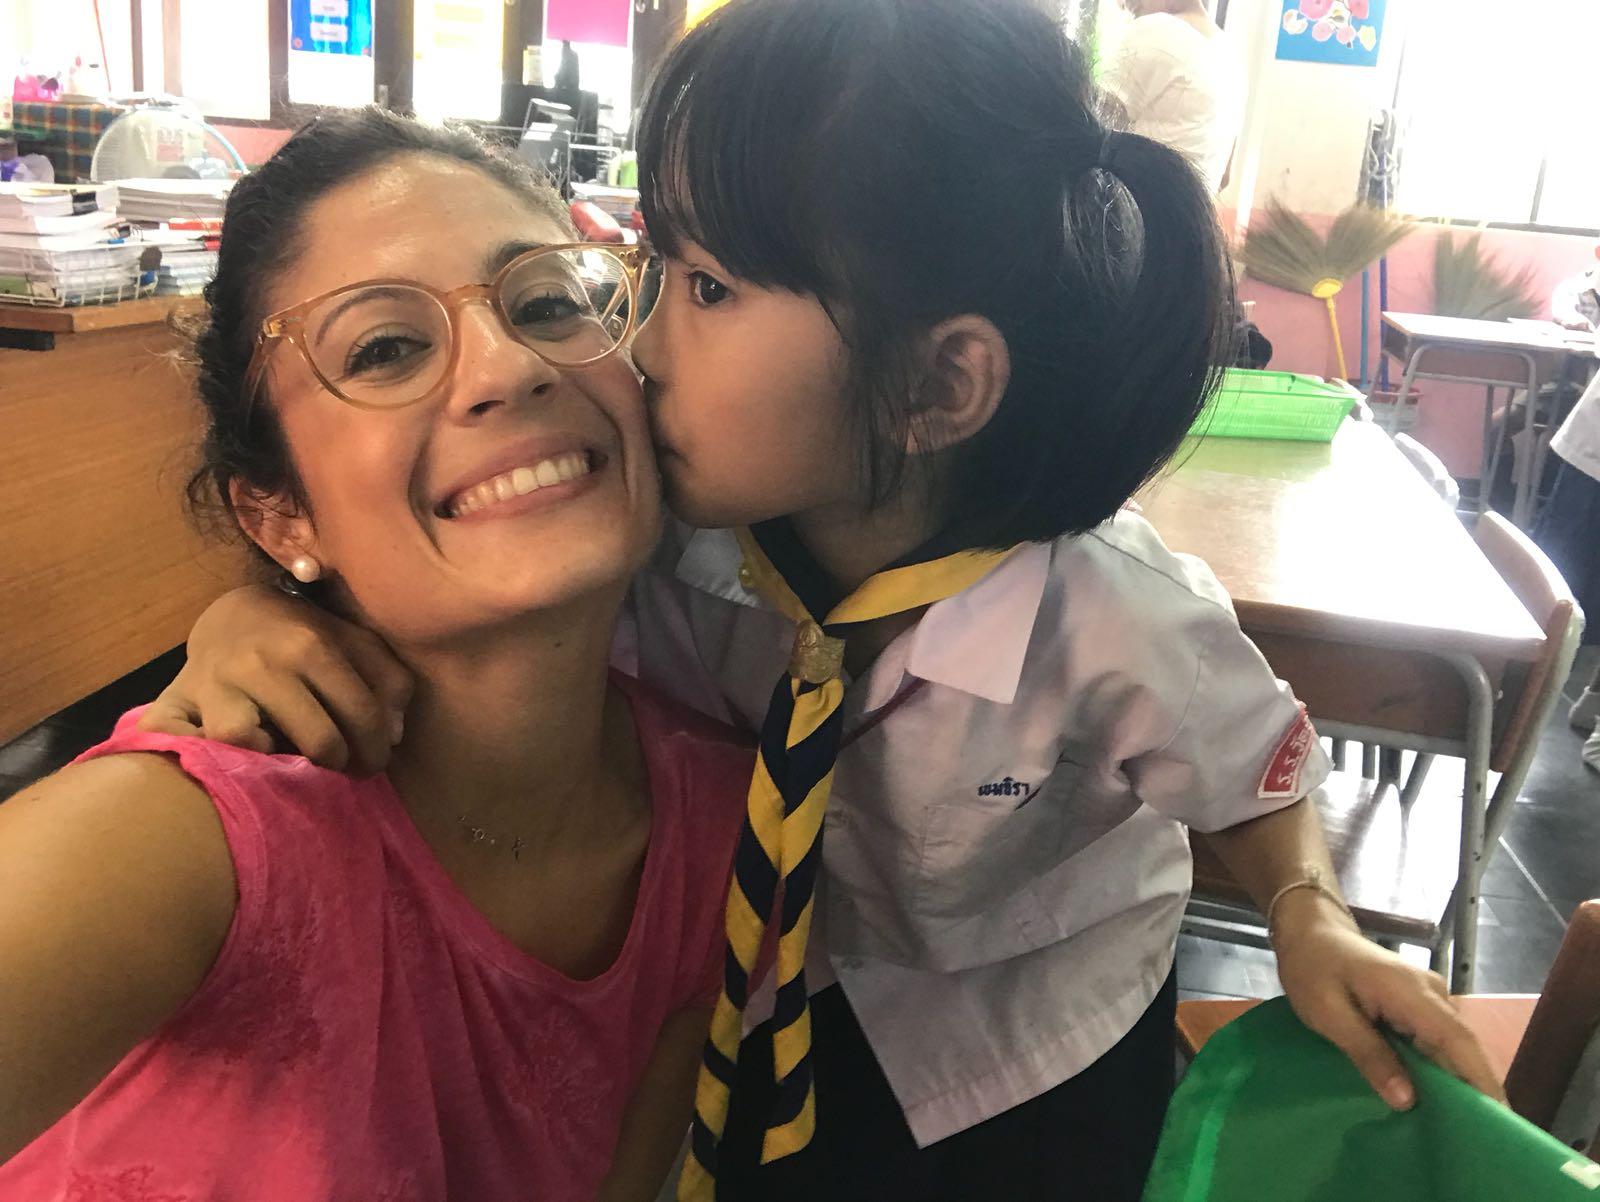 Voluntariado de cuidado de niños en Tailandia